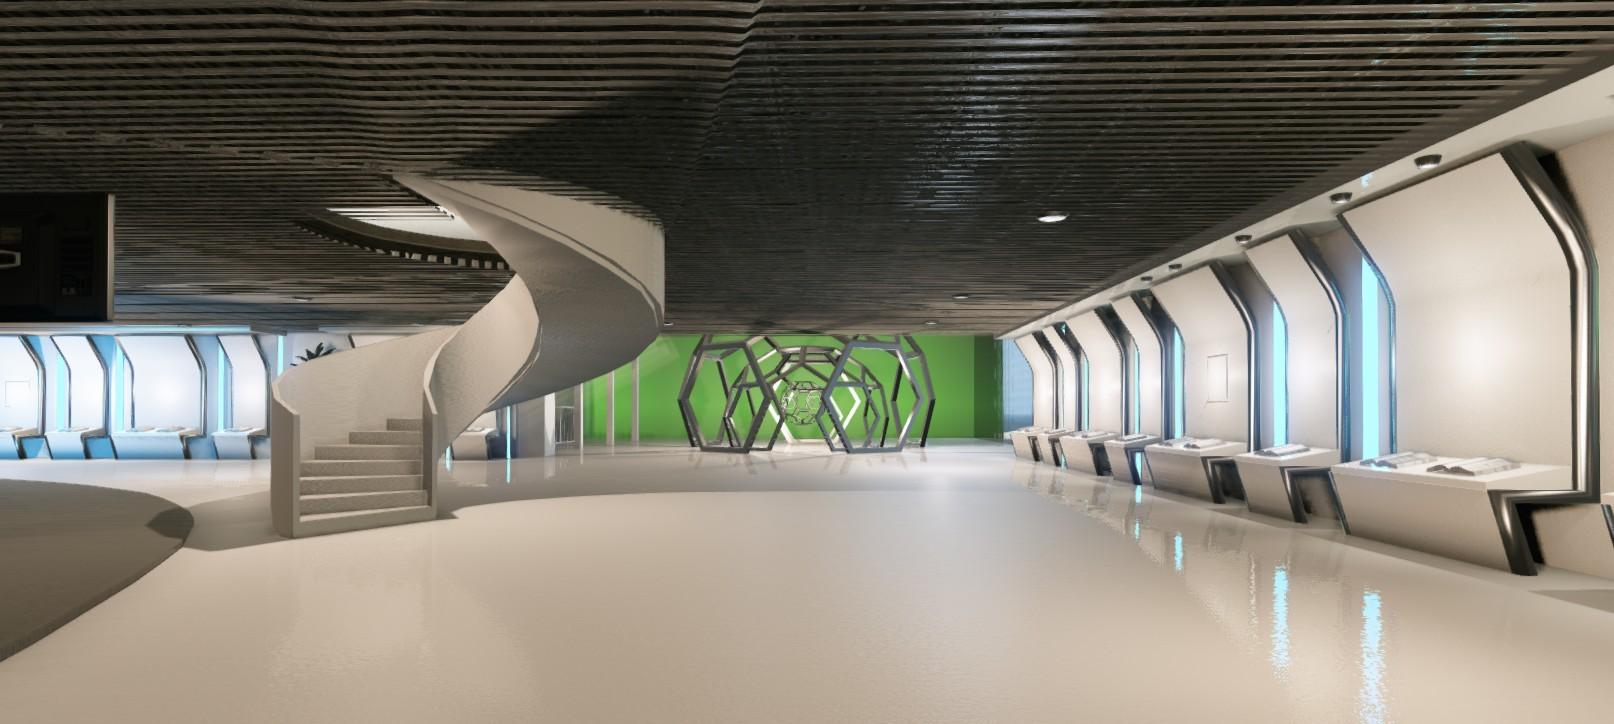 效果图-会展中心中央展厅设计方案效果图